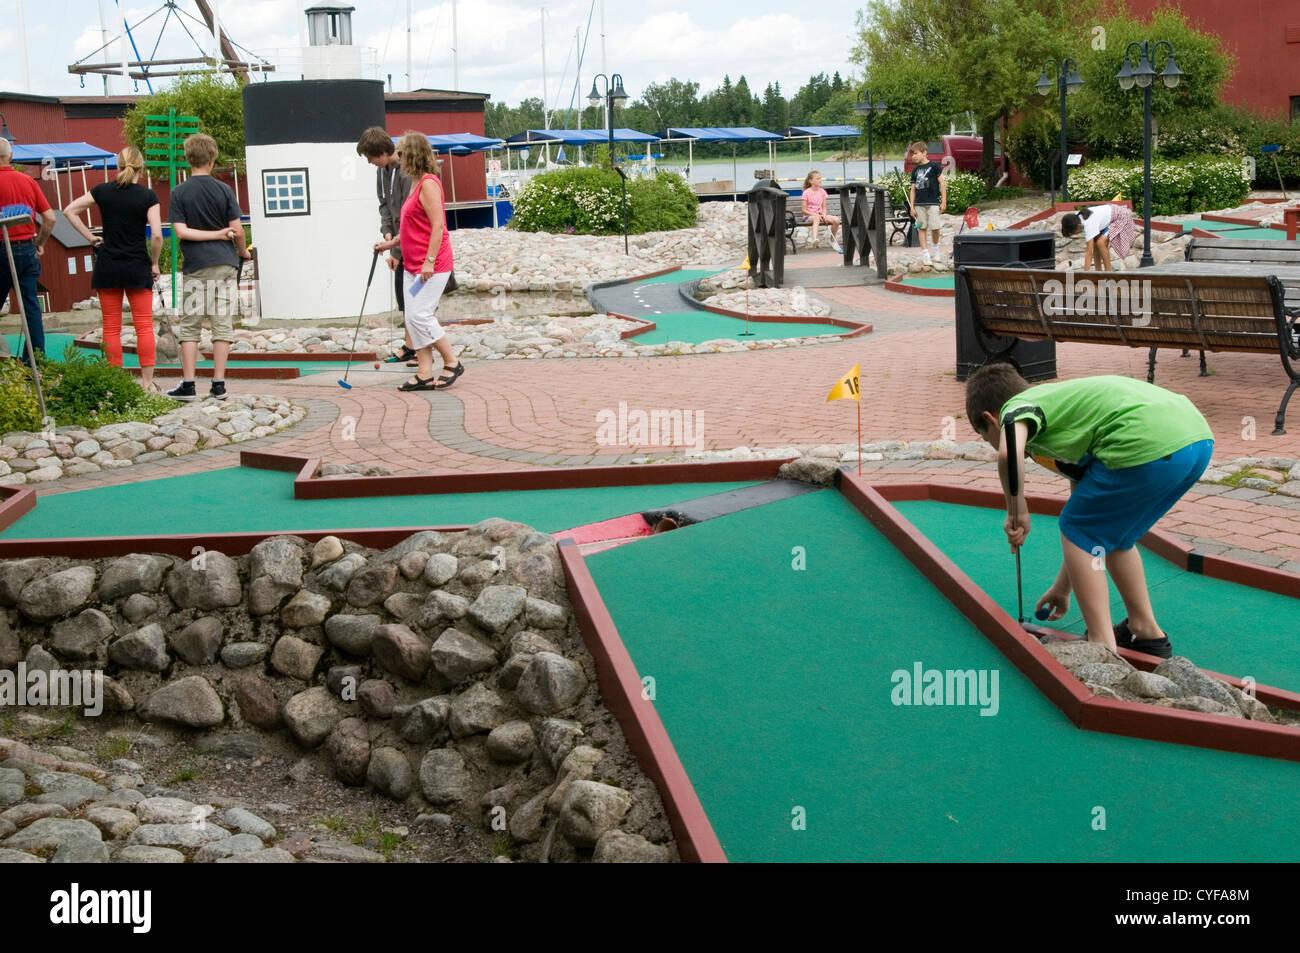 mini golf minigolf crazy crazygolf course goofy goofygolf golfer golfers club ball golfball balls - Stock Image